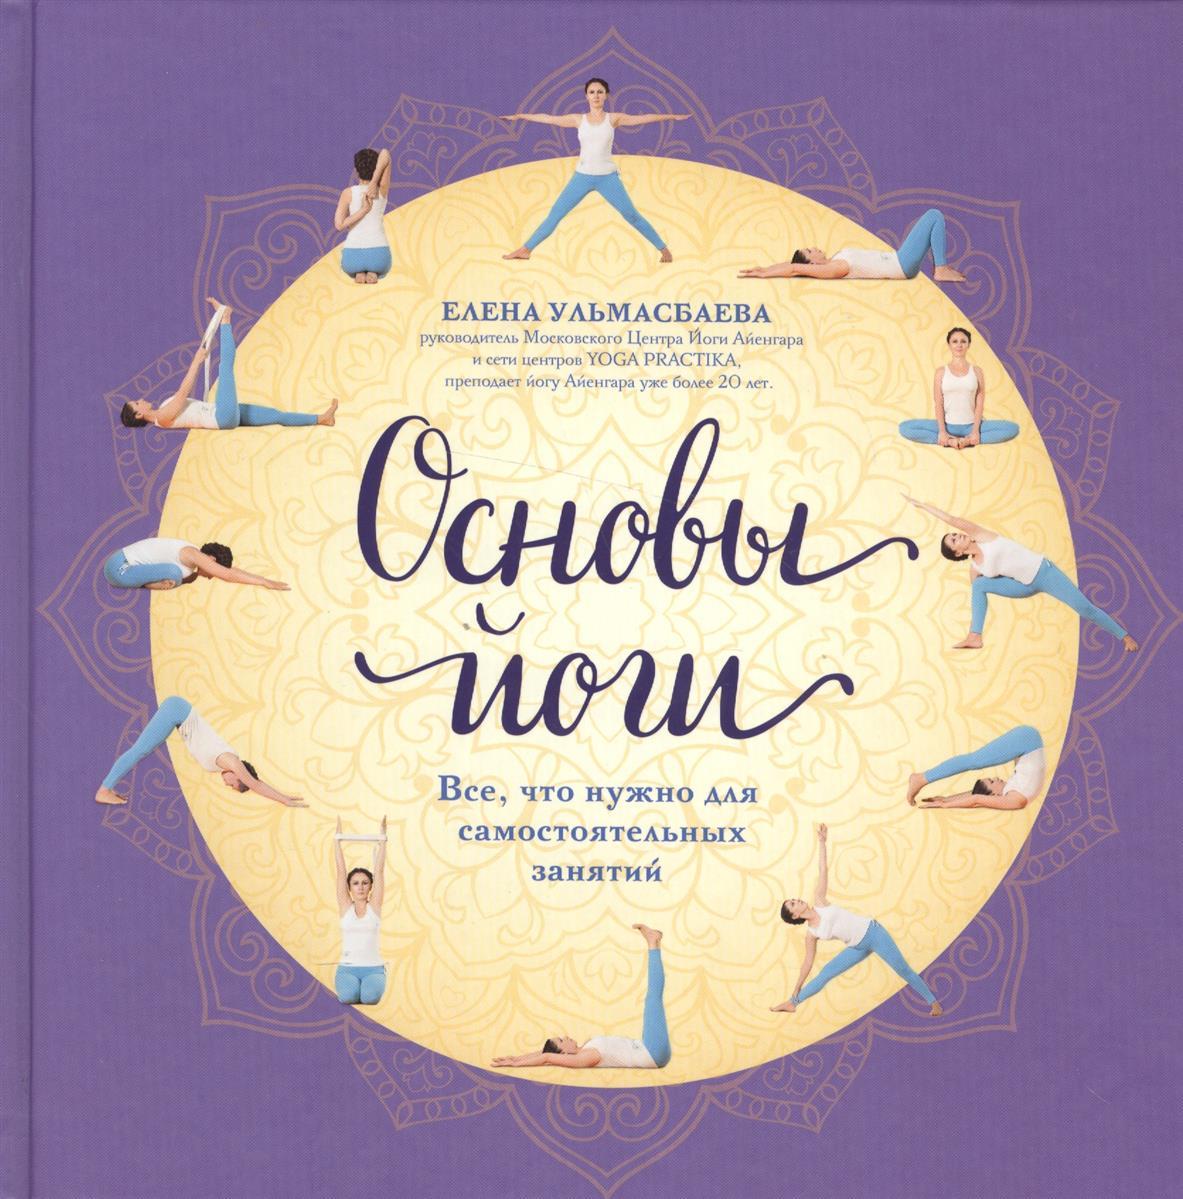 Ульмасбаева Е.: Основы йоги. Все, что нужно для самостоятельных занятий